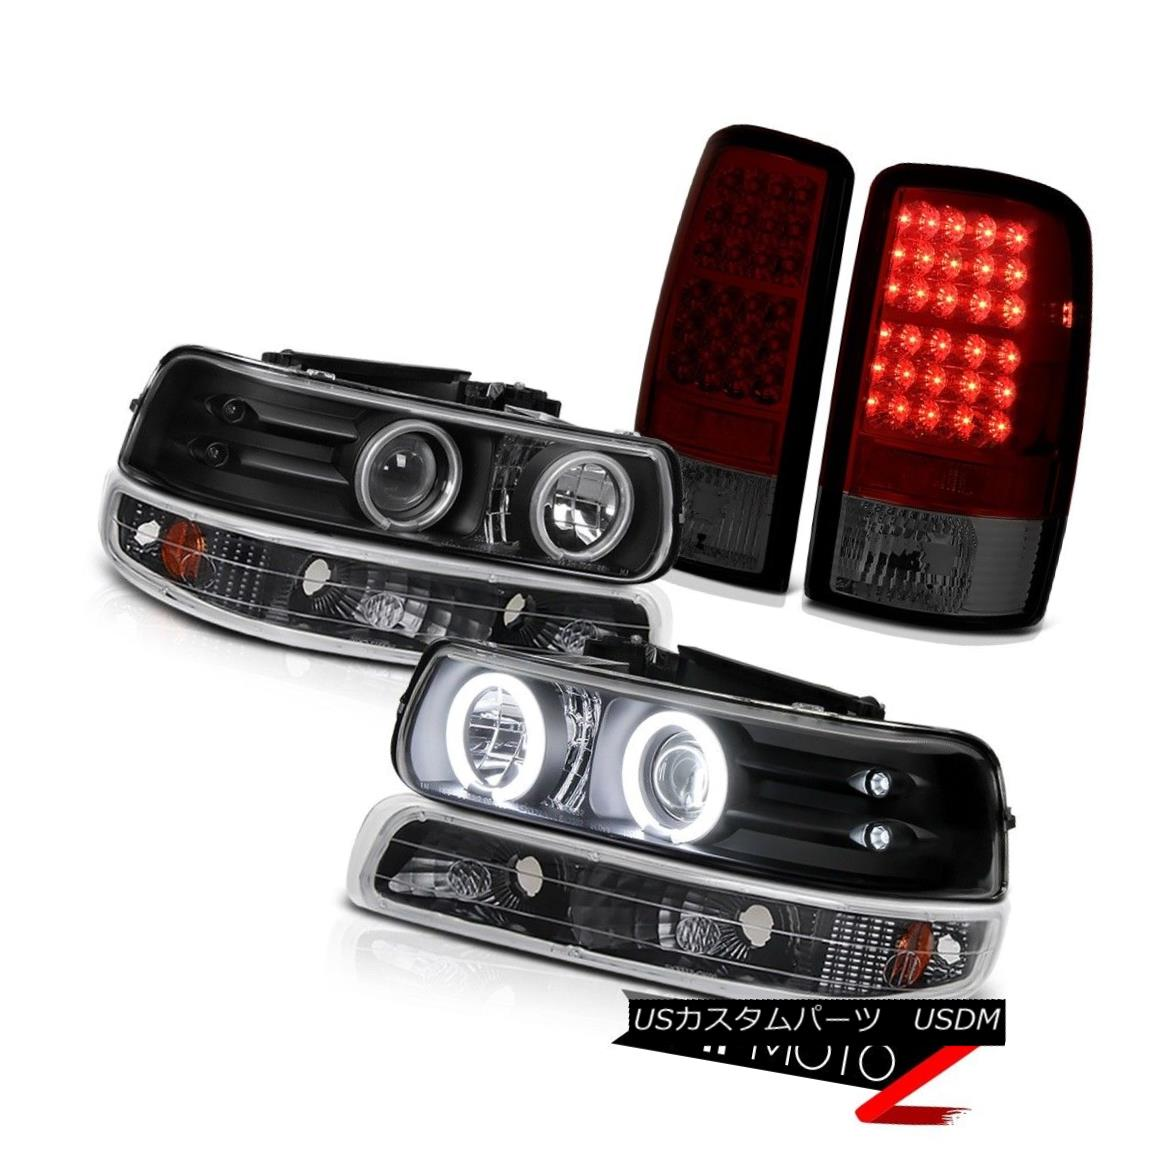 テールライト Angel Eye CCFL Headlamps Bumper Cherry Red Tail Lights 2000-2006 Chevy Tahoe LS エンジェルアイCCFLヘッドランプバンパーチェリーレッドテールライト2000-2006 Chevy Tahoe LS